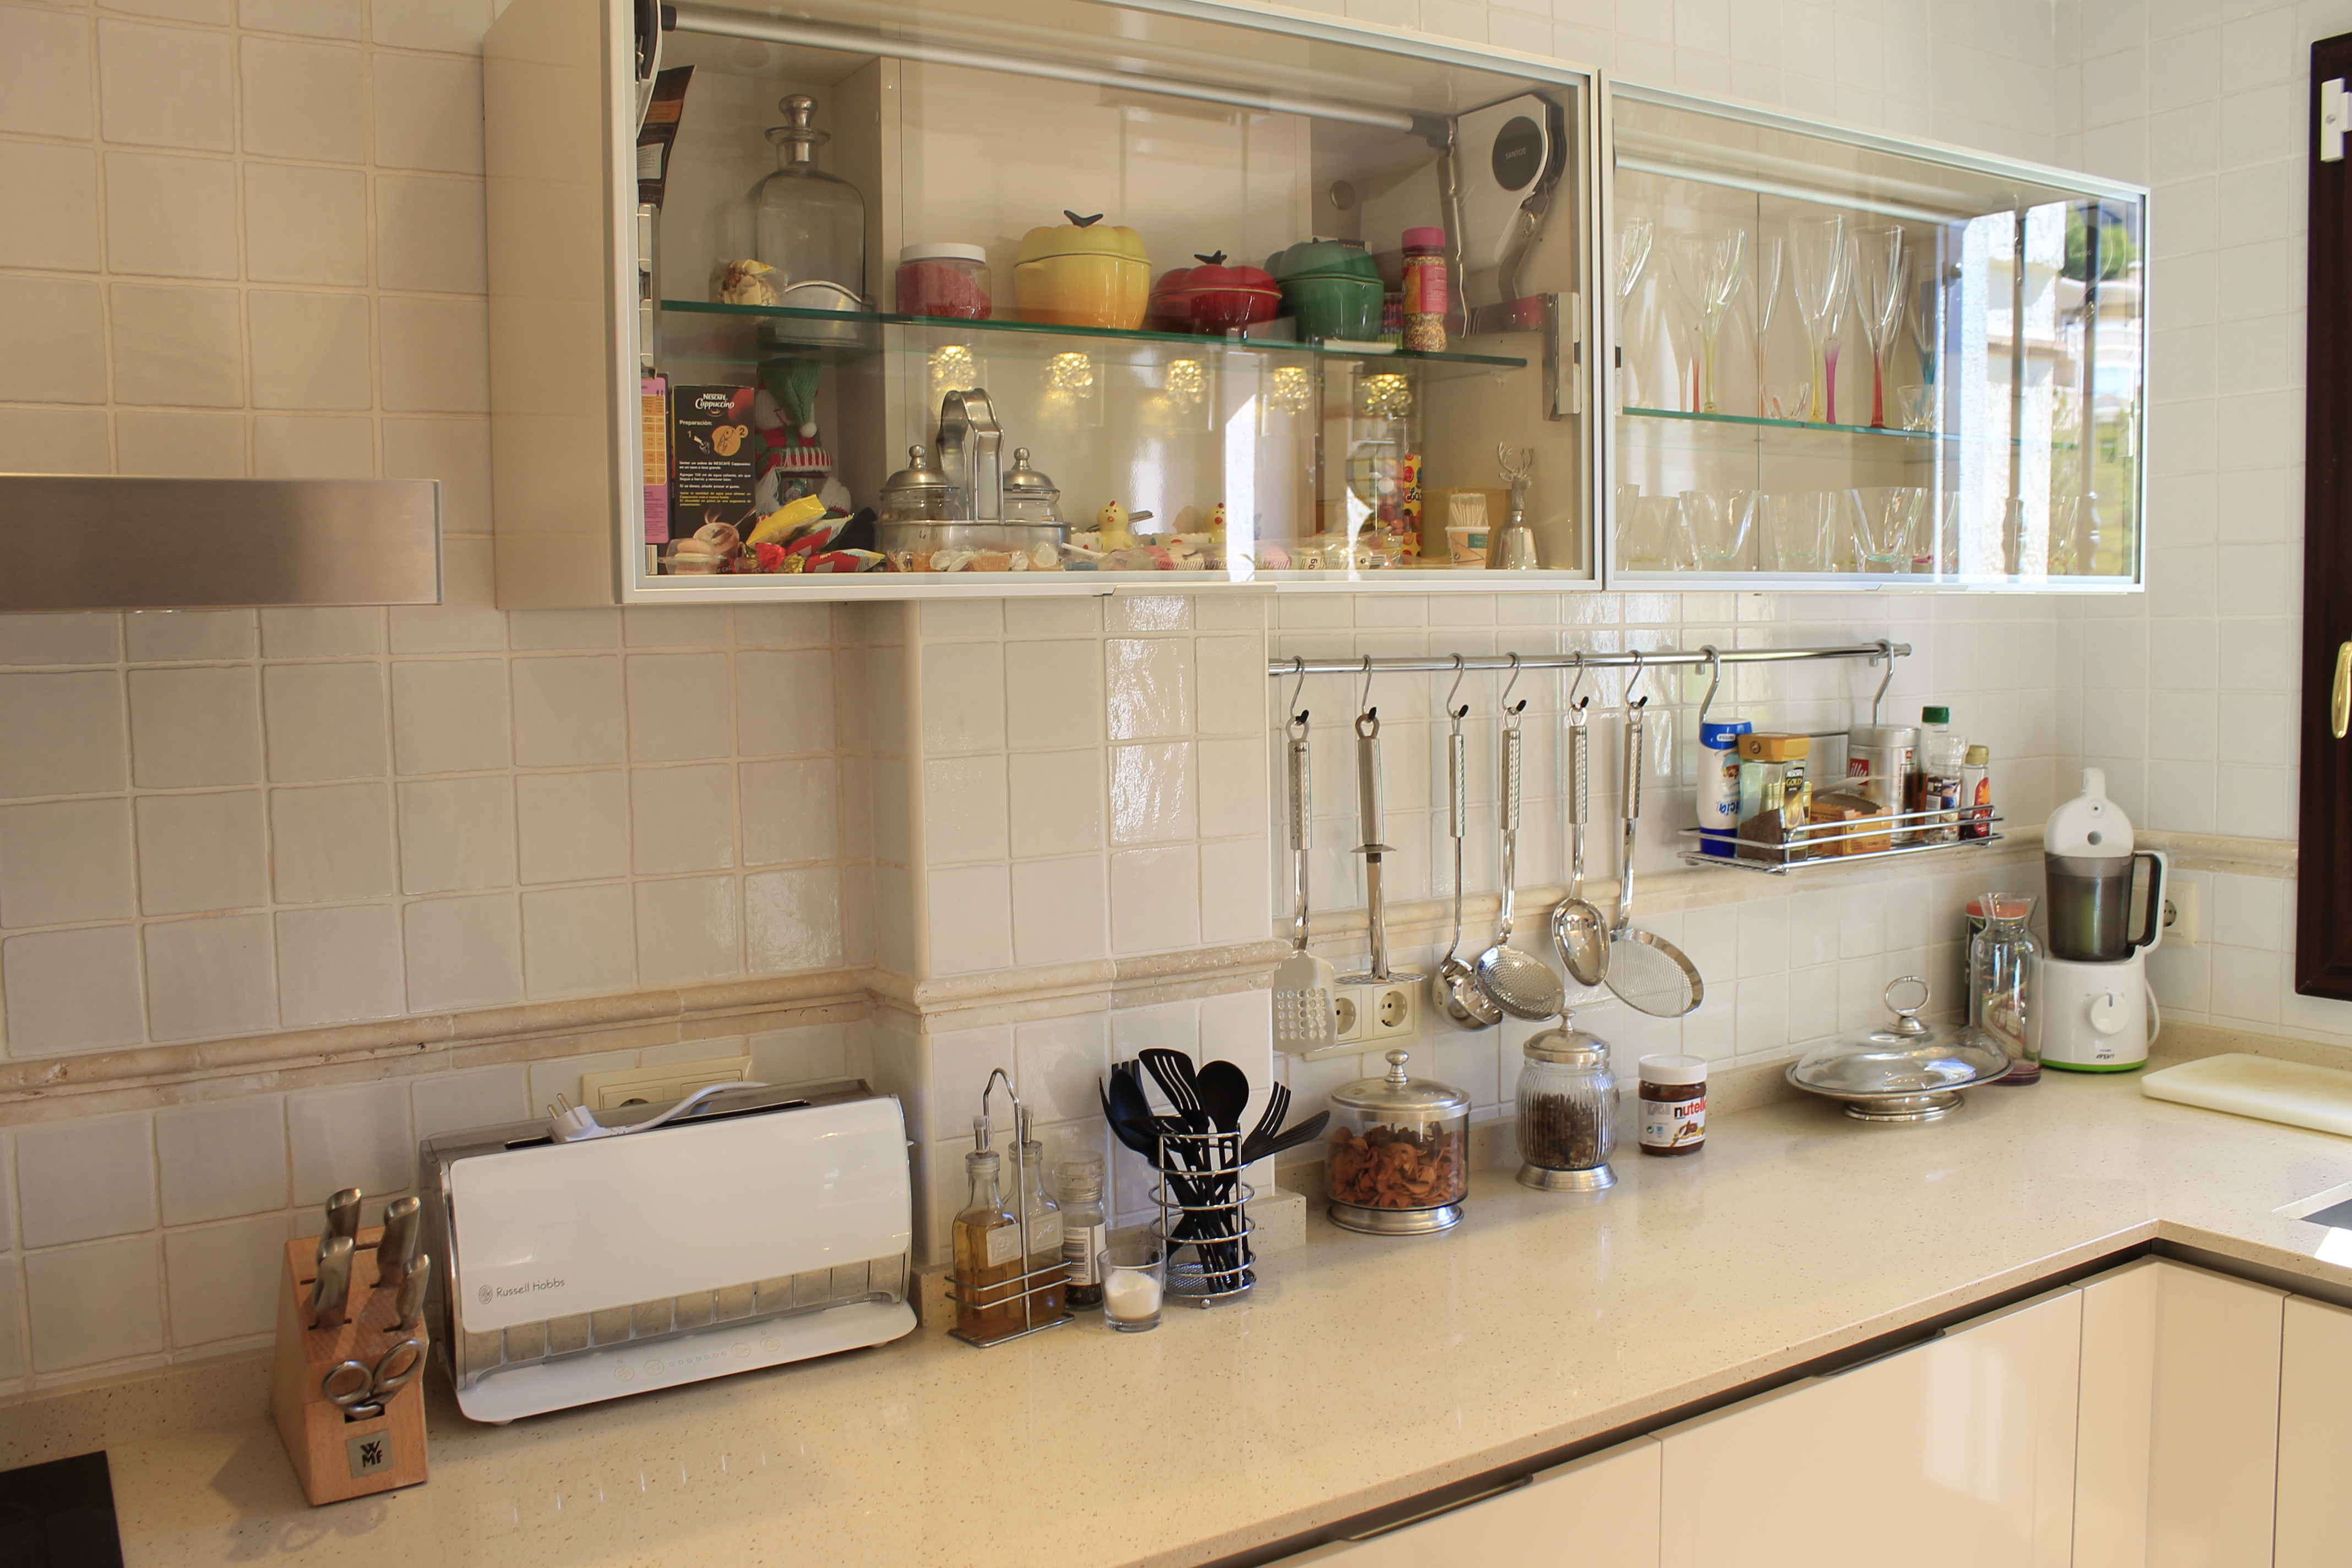 Mueble de cocina a medida altea alfainteriorismo - Muebles para cocina a medida ...